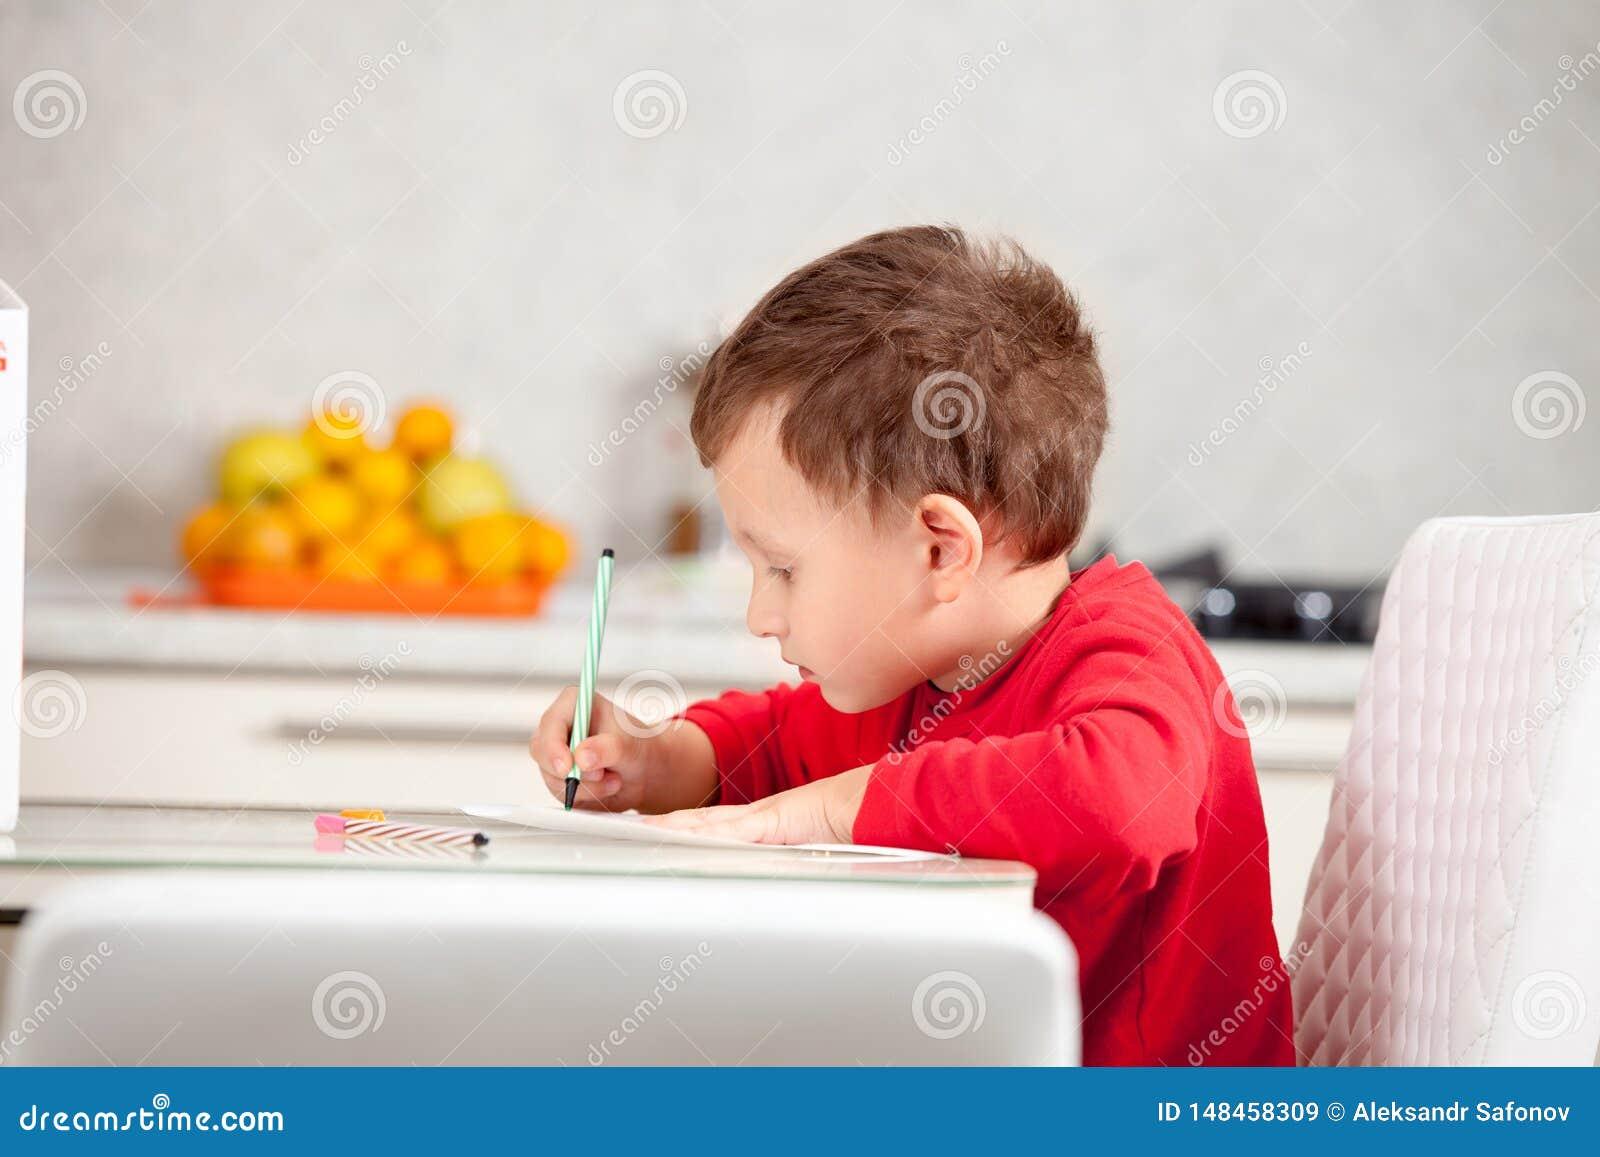 Εμπνευσμένος από το αγόρι επισύρει την προσοχή μια εικόνα σε χαρτί στον πίνακα